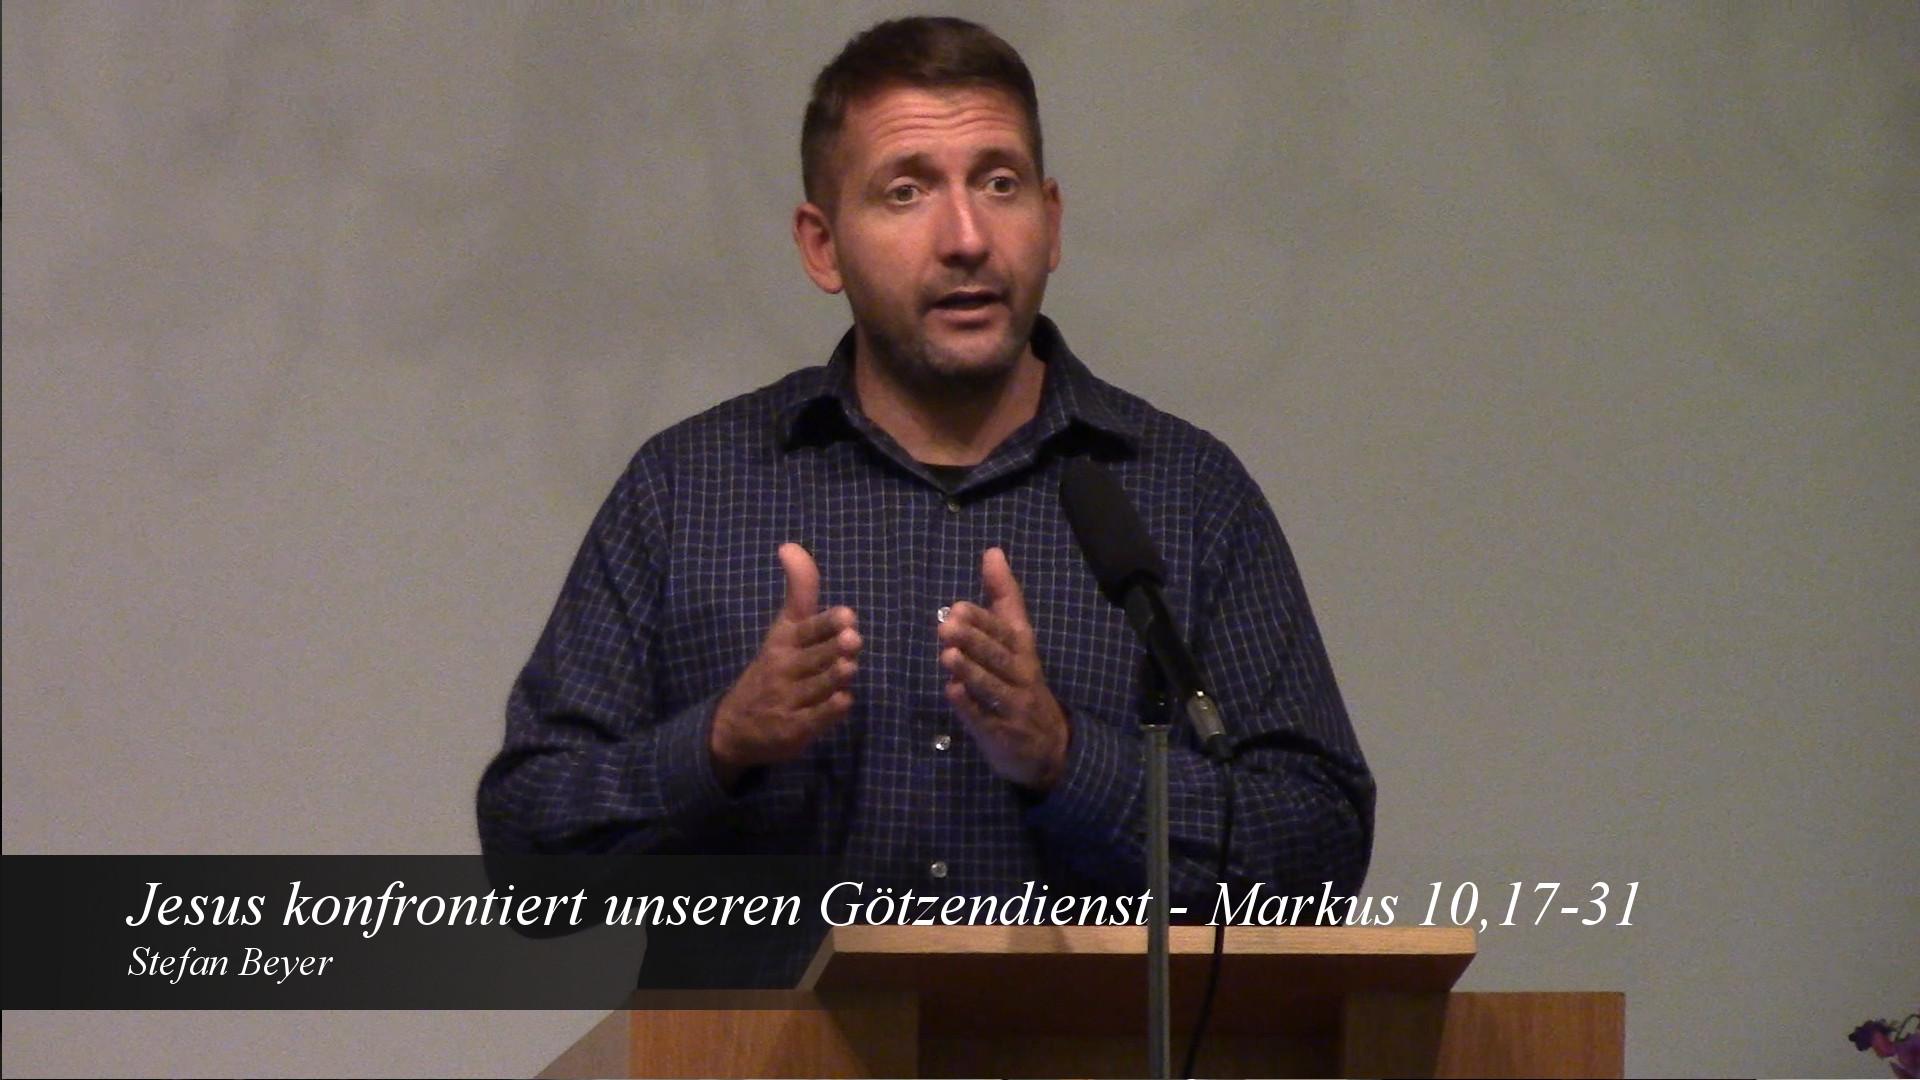 Jesus konfrontiert unseren Götzendienst